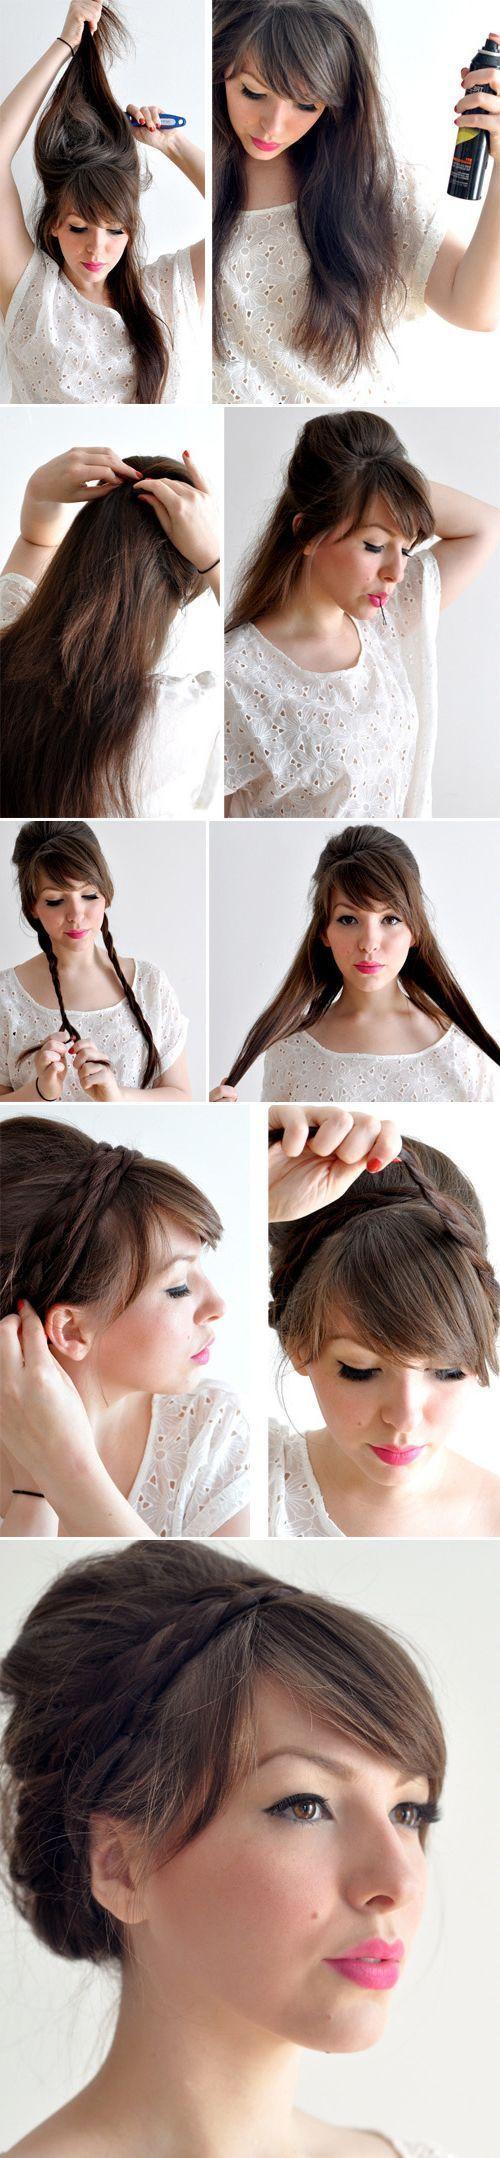 Peinados recogidos con trenzas facil y bonito para verano #recogidos http://www.recogidos.org/peinados-recogidos-con-trenzas-facil-y-bonito-para-verano/ #peinadosrecogidos #peinadoscontrenzas